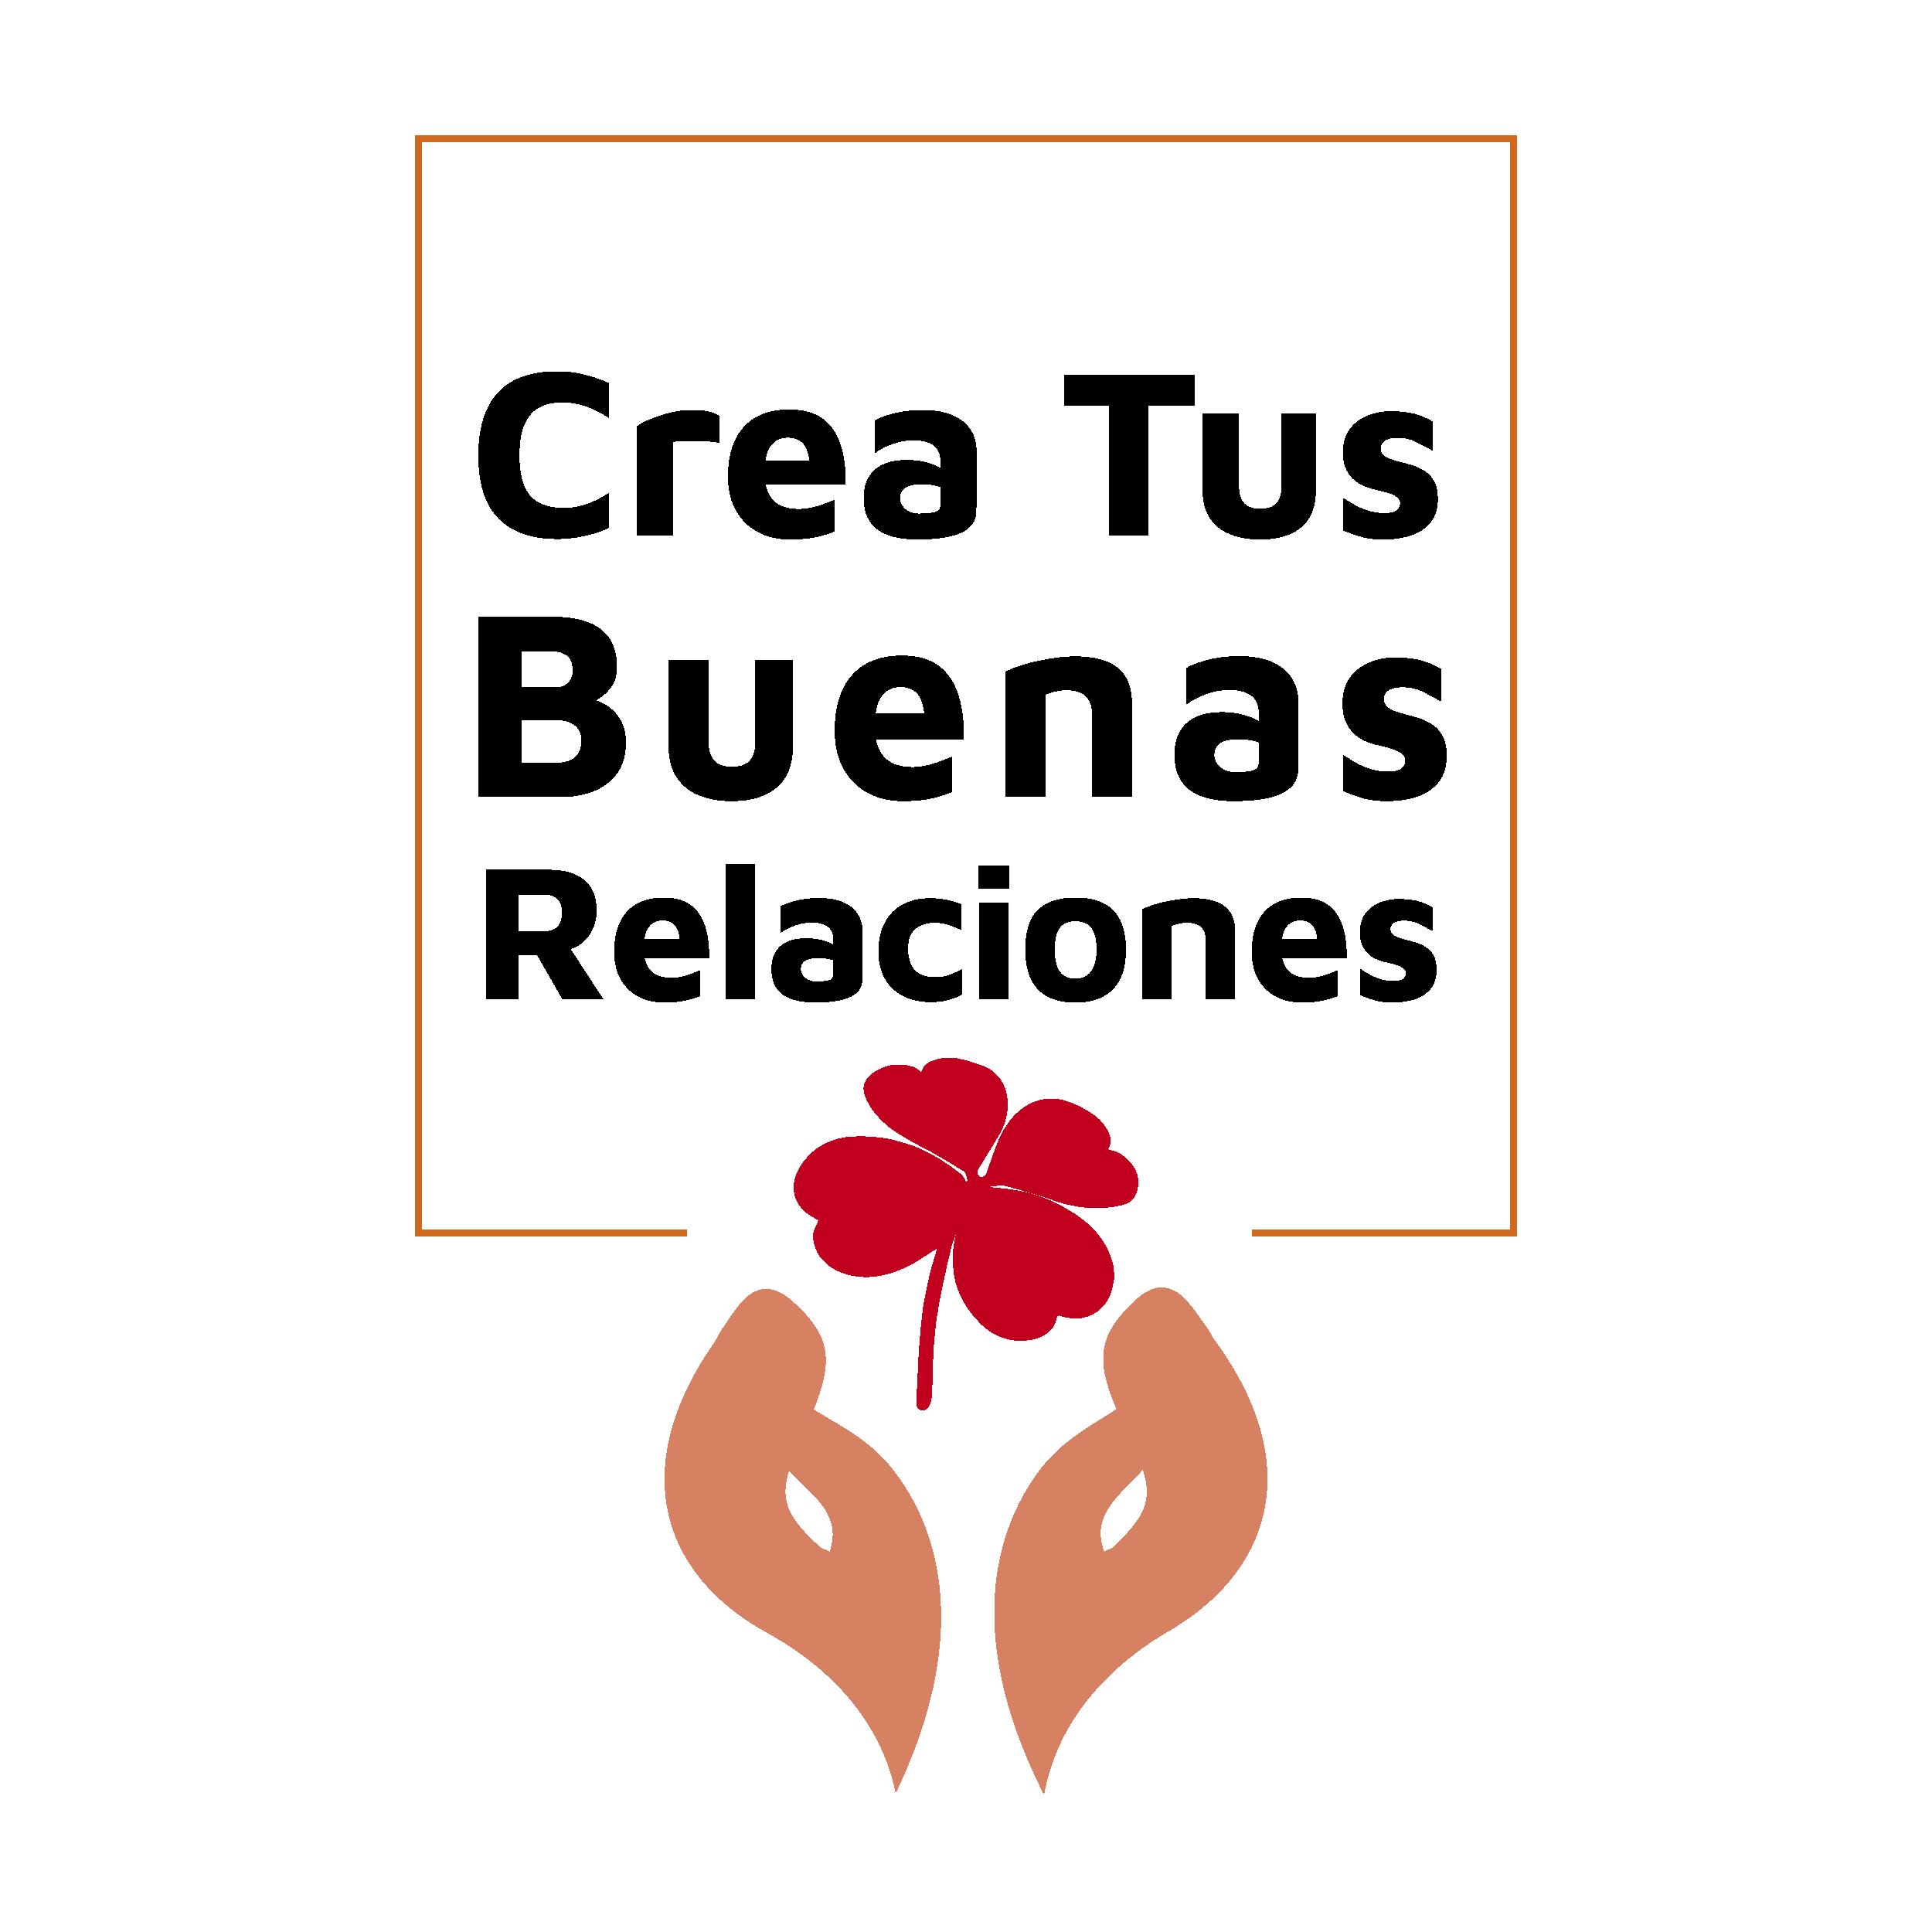 Logo-Crea-Tus-Buenas-Relaciones_Mesa-de-trabajo-1